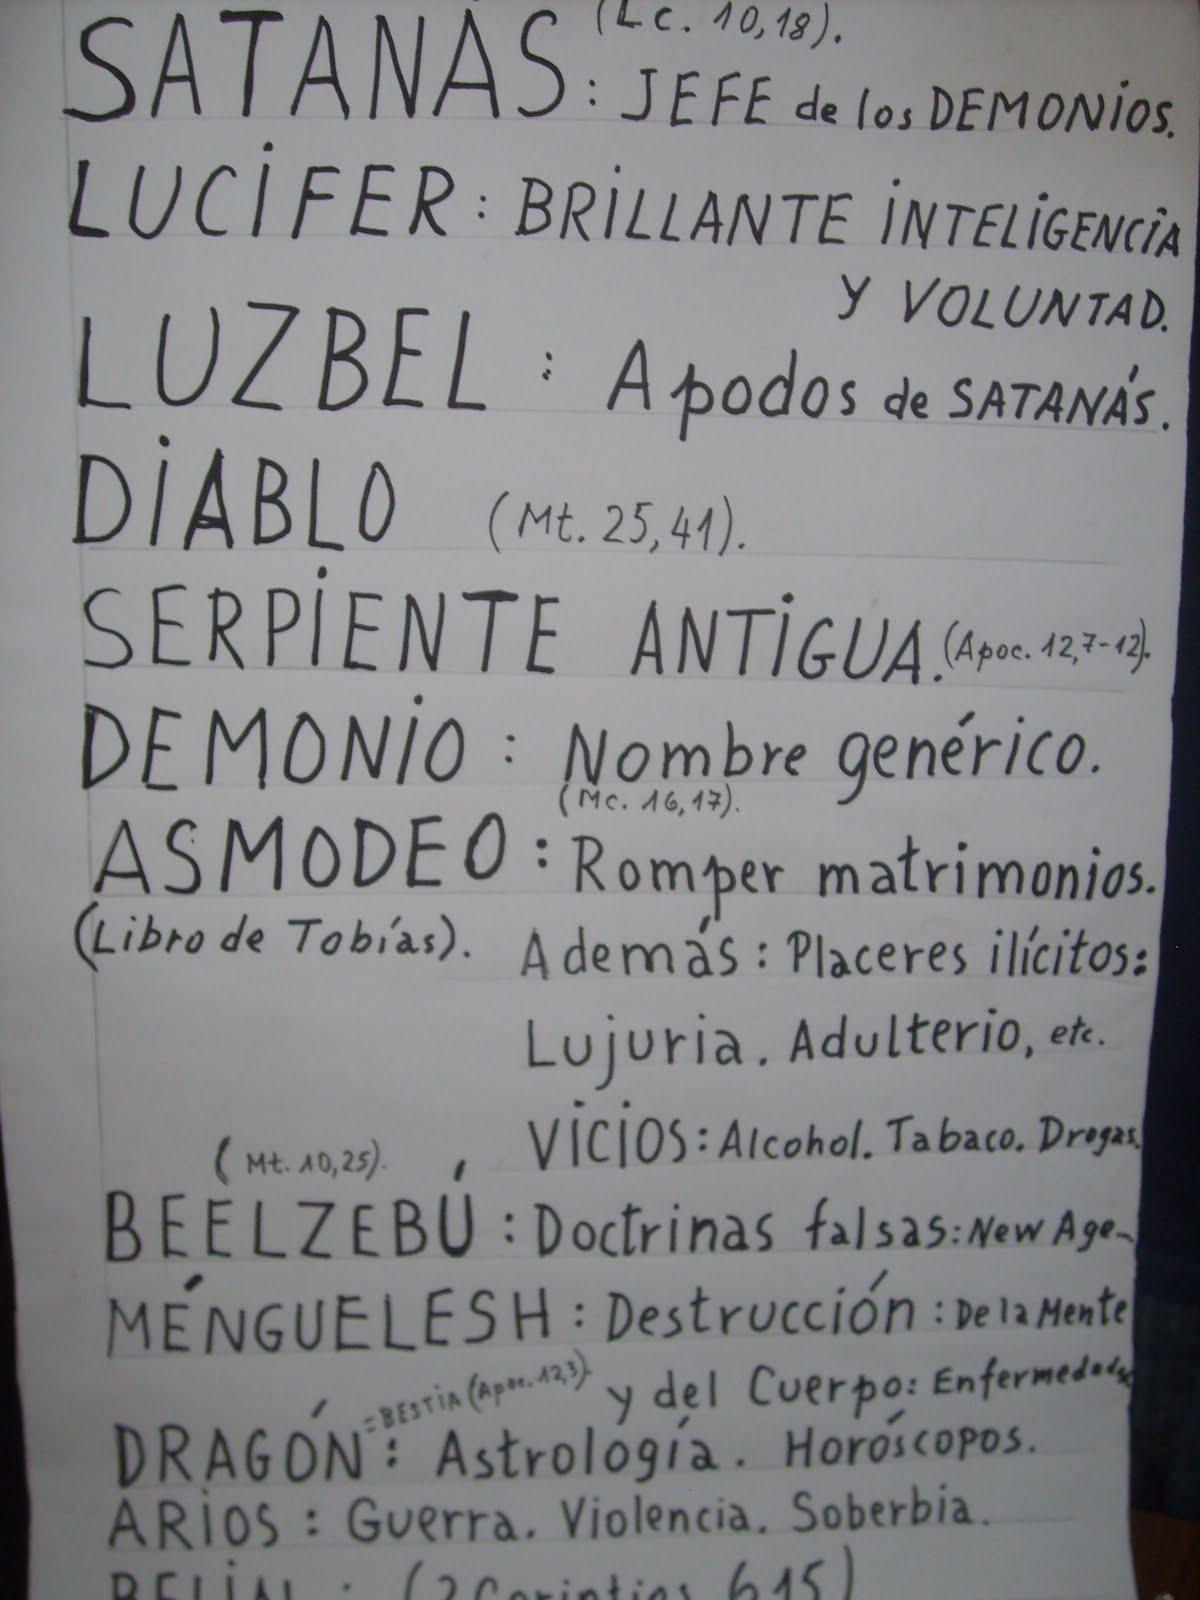 Renovaci N Carism Tica Cat Lica Di Cesis De Los Ngeles Chile Evangelizaci N Sanaci N Y